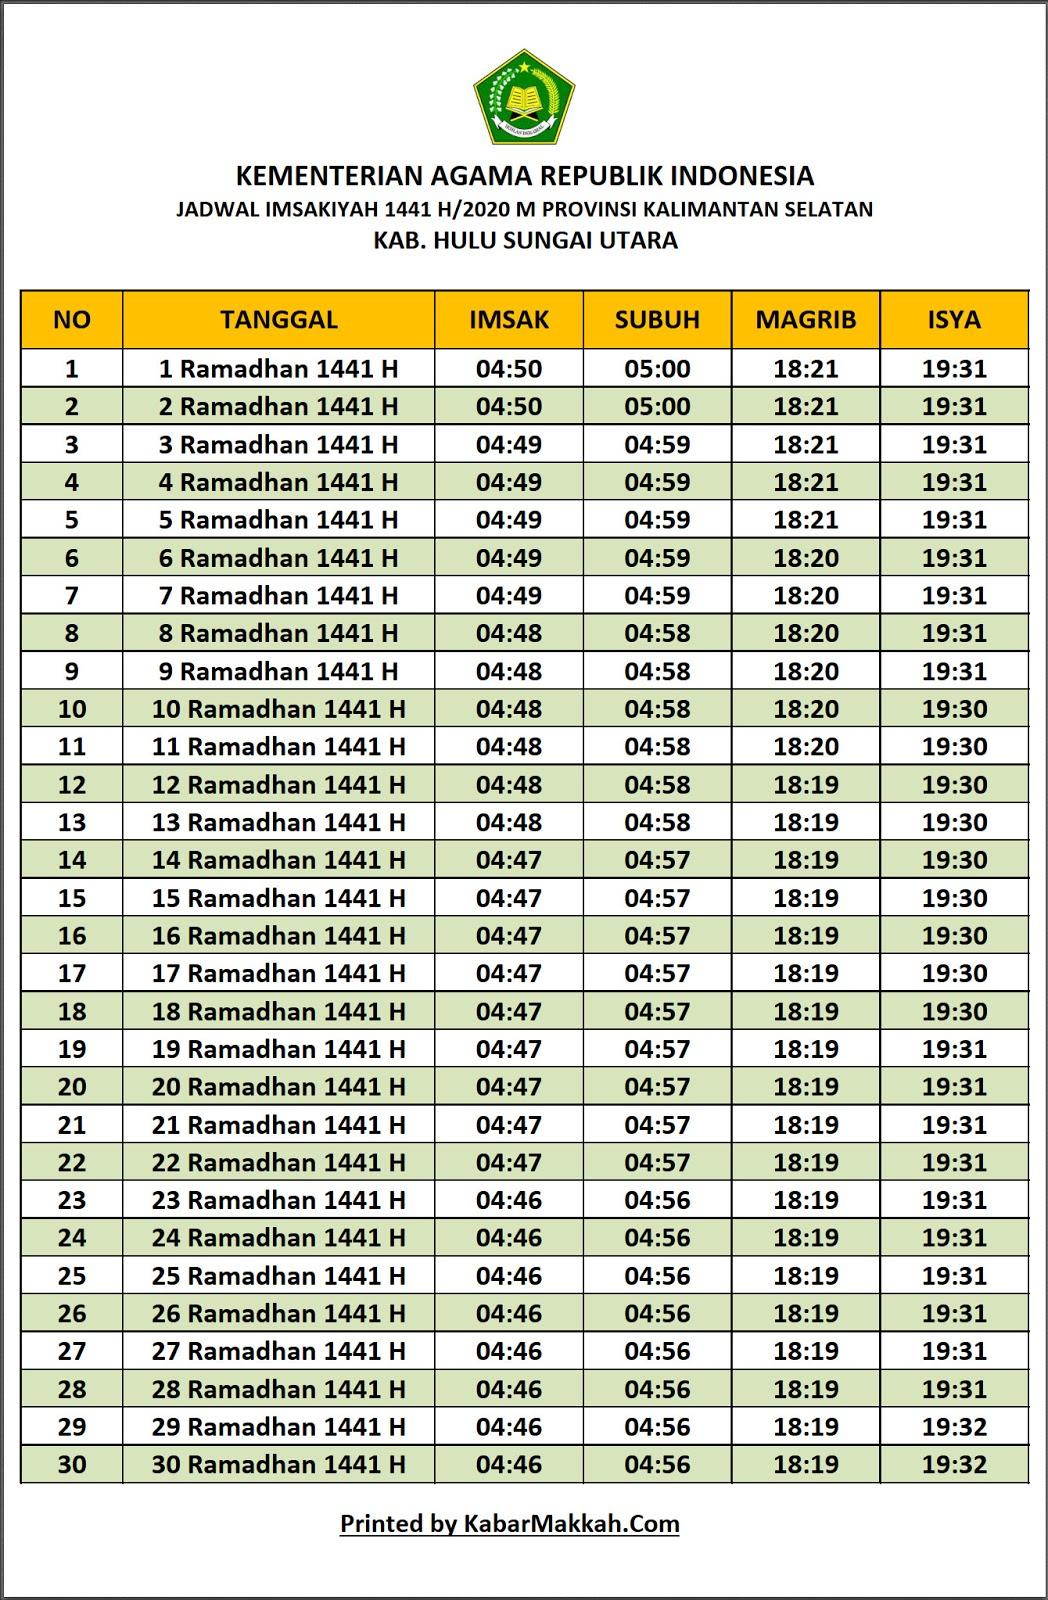 Jadwal Imsakiyah Hulu Sungai Utara 2020